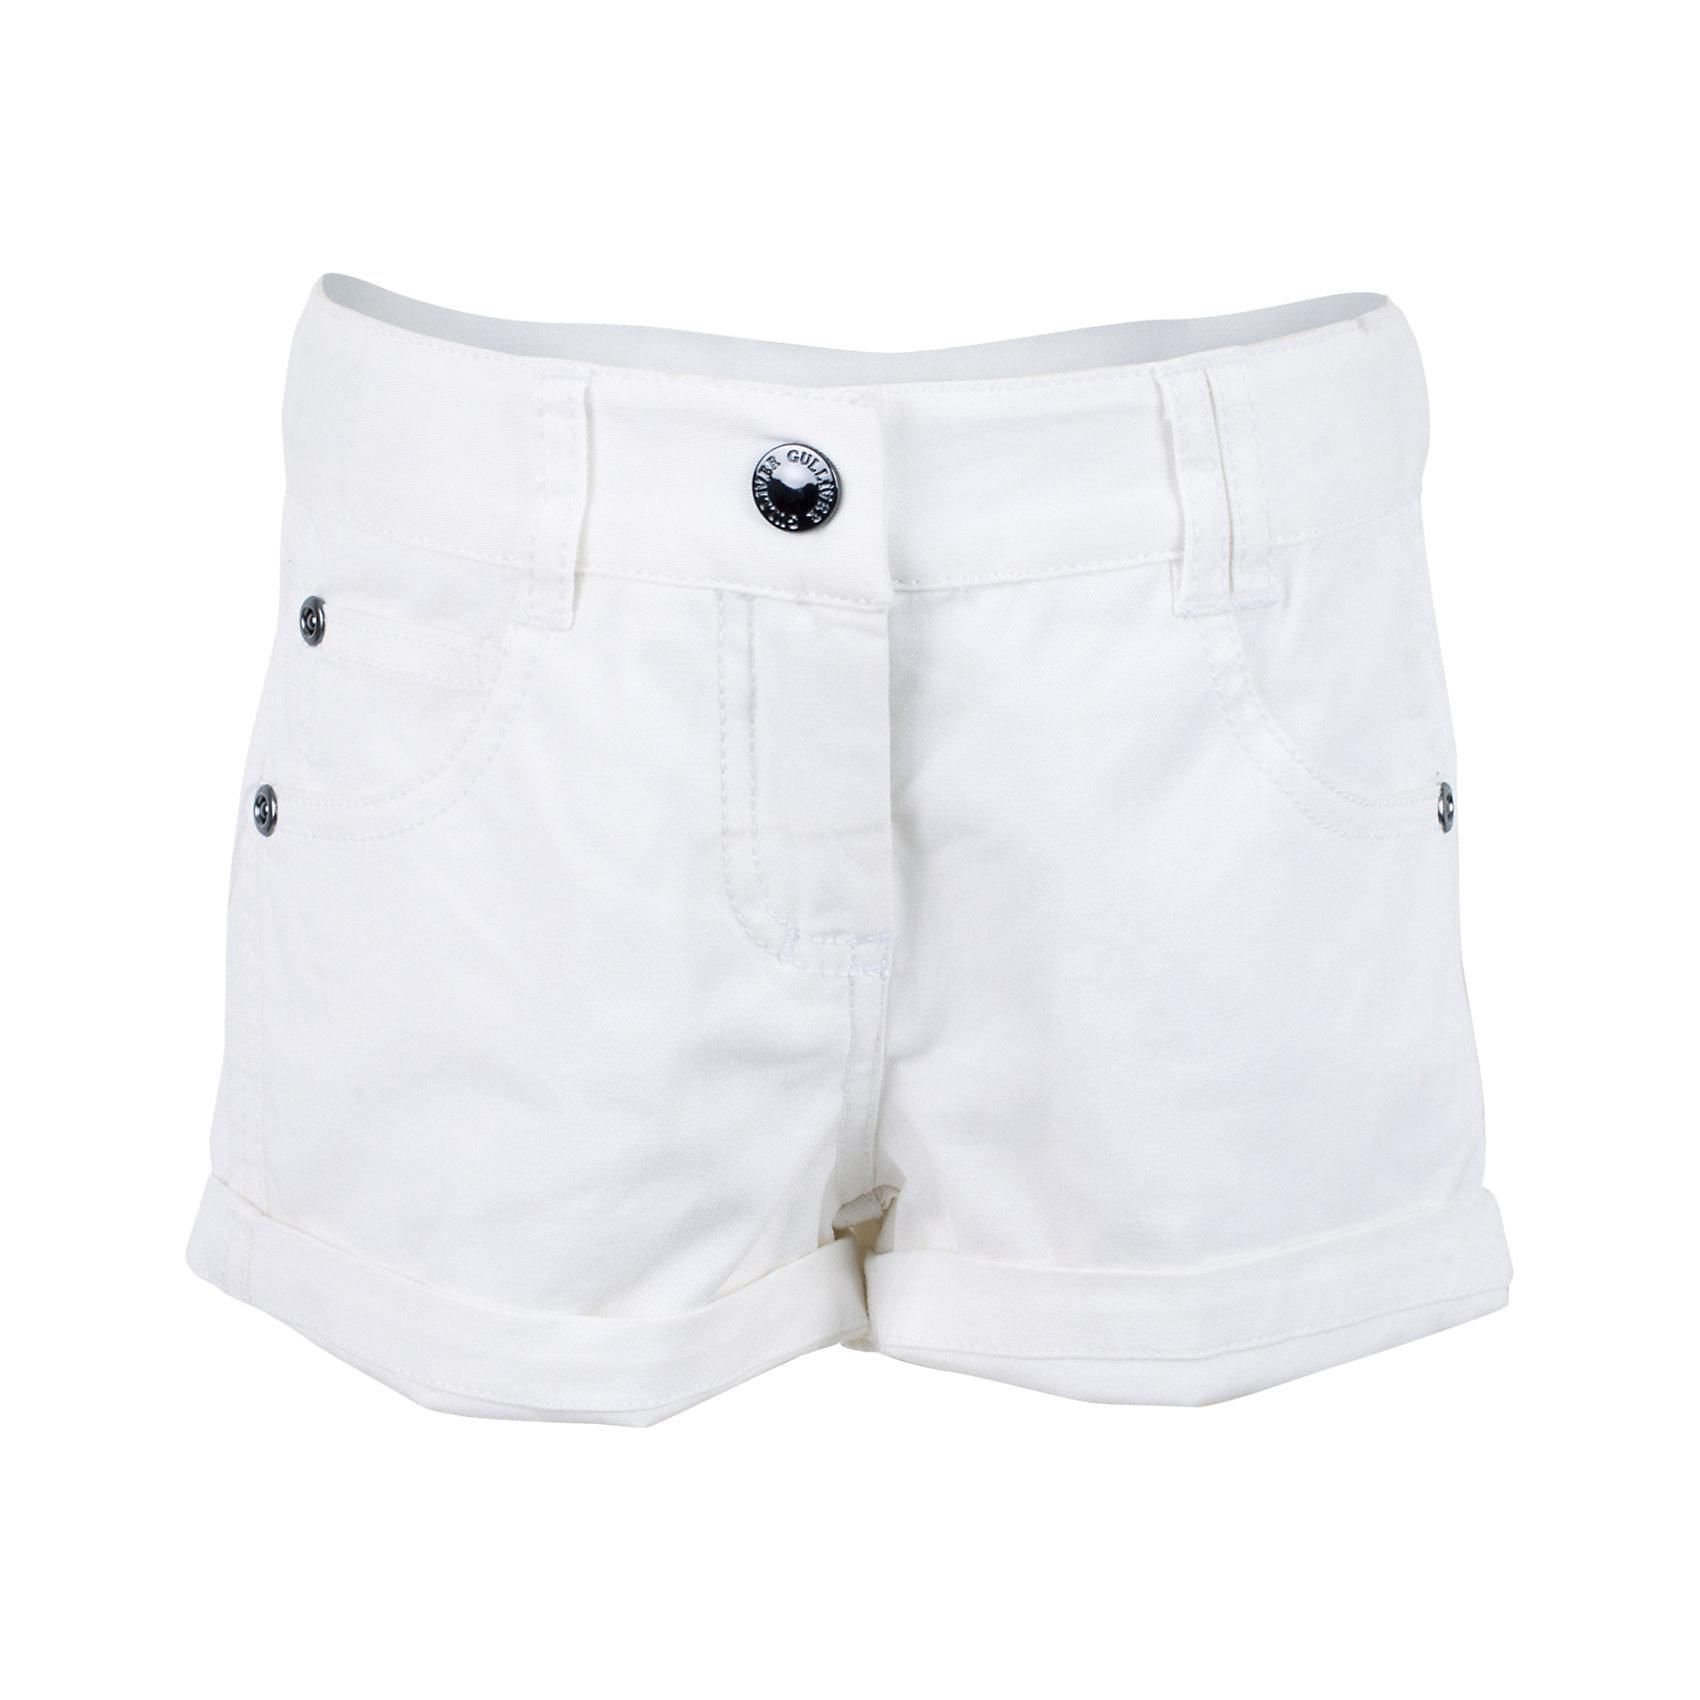 Шорты для девочки GulliverБелые шорты для девочки - необходимая вещь летнего гардероба! Мягкие, удобные, белые шорты с брендированной металлической фурнитурой - идеальный компаньон для любой футболки, майки, топа. Если вы хотите сформировать правильный летний гардероб ребенка, не забудьте купить белые шорты! Они подарят комфорт и отличное настроение!<br>Состав:<br>98% хлопок      2% эластан<br><br>Ширина мм: 191<br>Глубина мм: 10<br>Высота мм: 175<br>Вес г: 273<br>Цвет: белый<br>Возраст от месяцев: 24<br>Возраст до месяцев: 36<br>Пол: Женский<br>Возраст: Детский<br>Размер: 98,104,110,116<br>SKU: 5483579